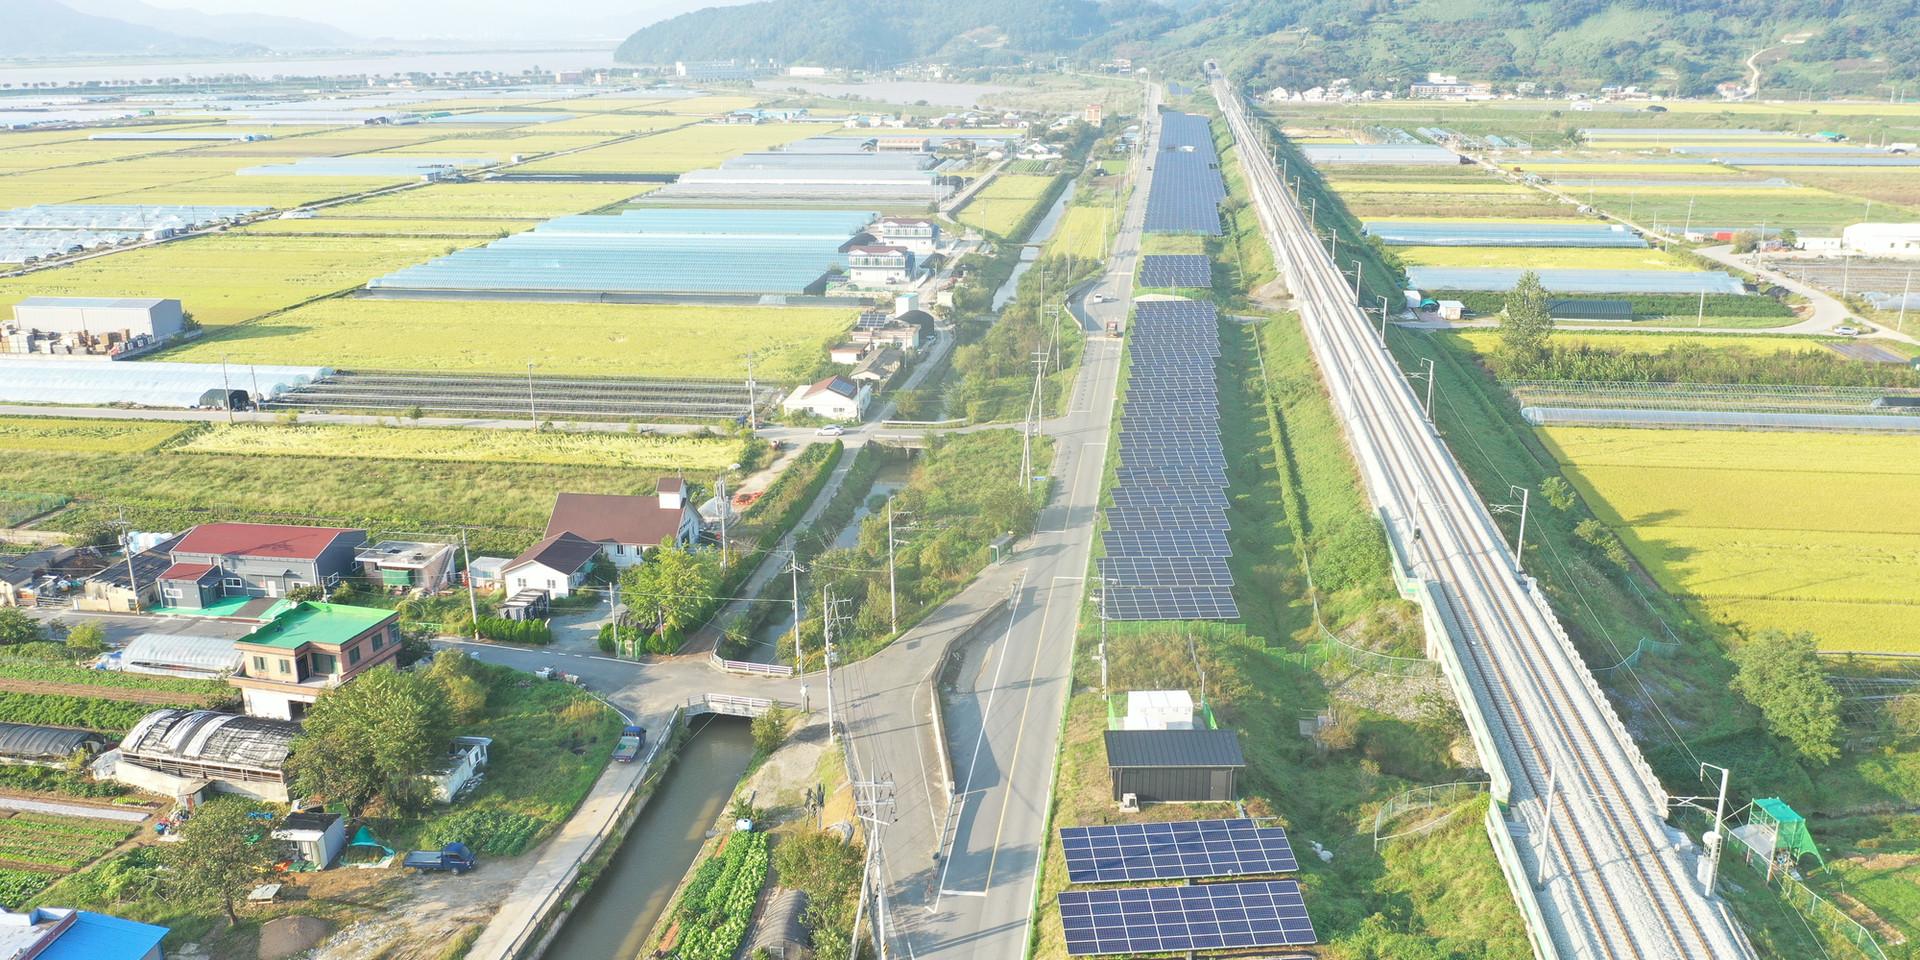 다이아몬드에너지 태양광발전소